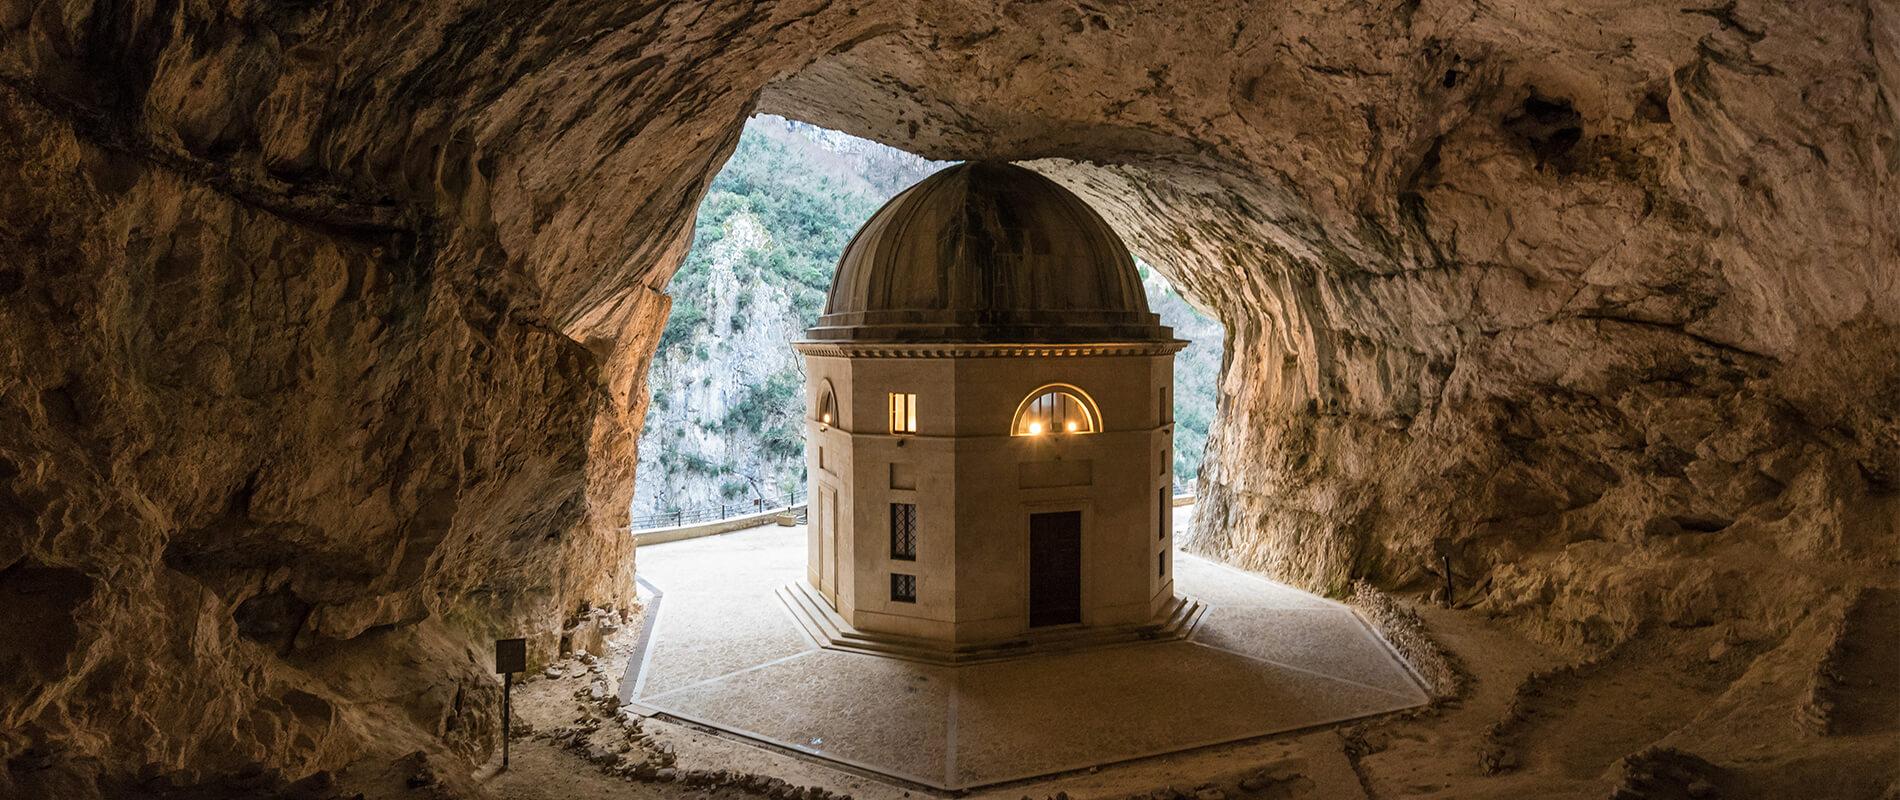 Il Tempio del Valadier, il gioiello nascosto nella roccia